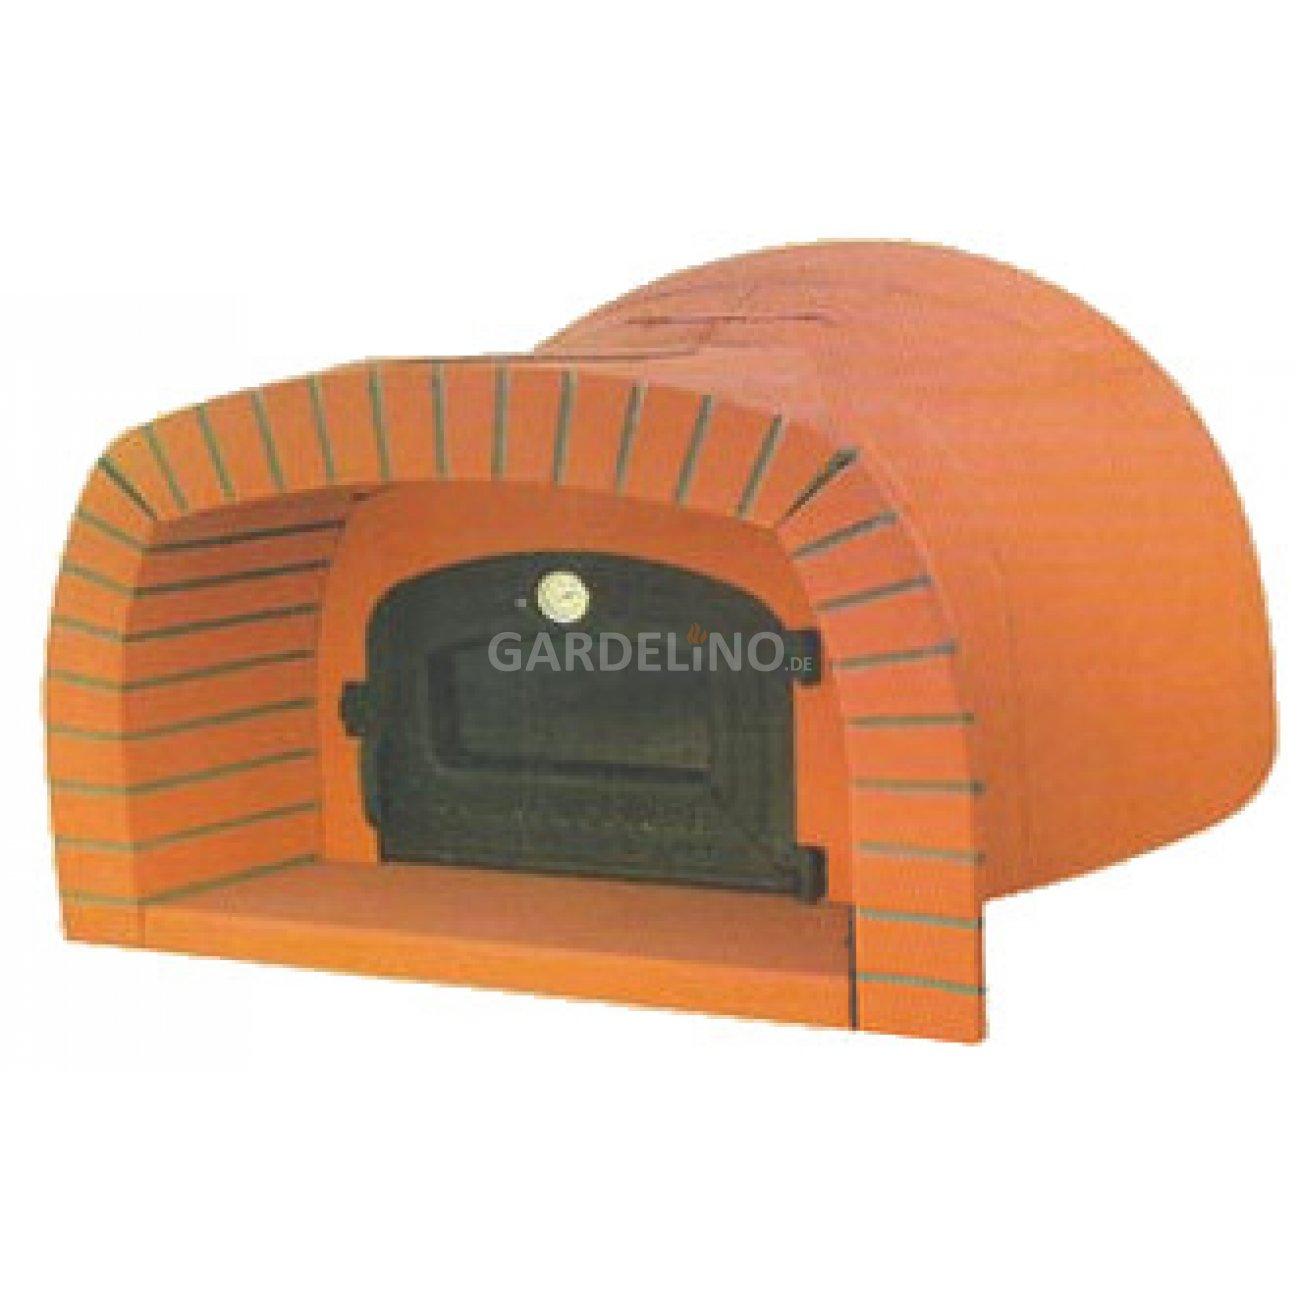 holzbackofen bausatz dfo aus italien. Black Bedroom Furniture Sets. Home Design Ideas